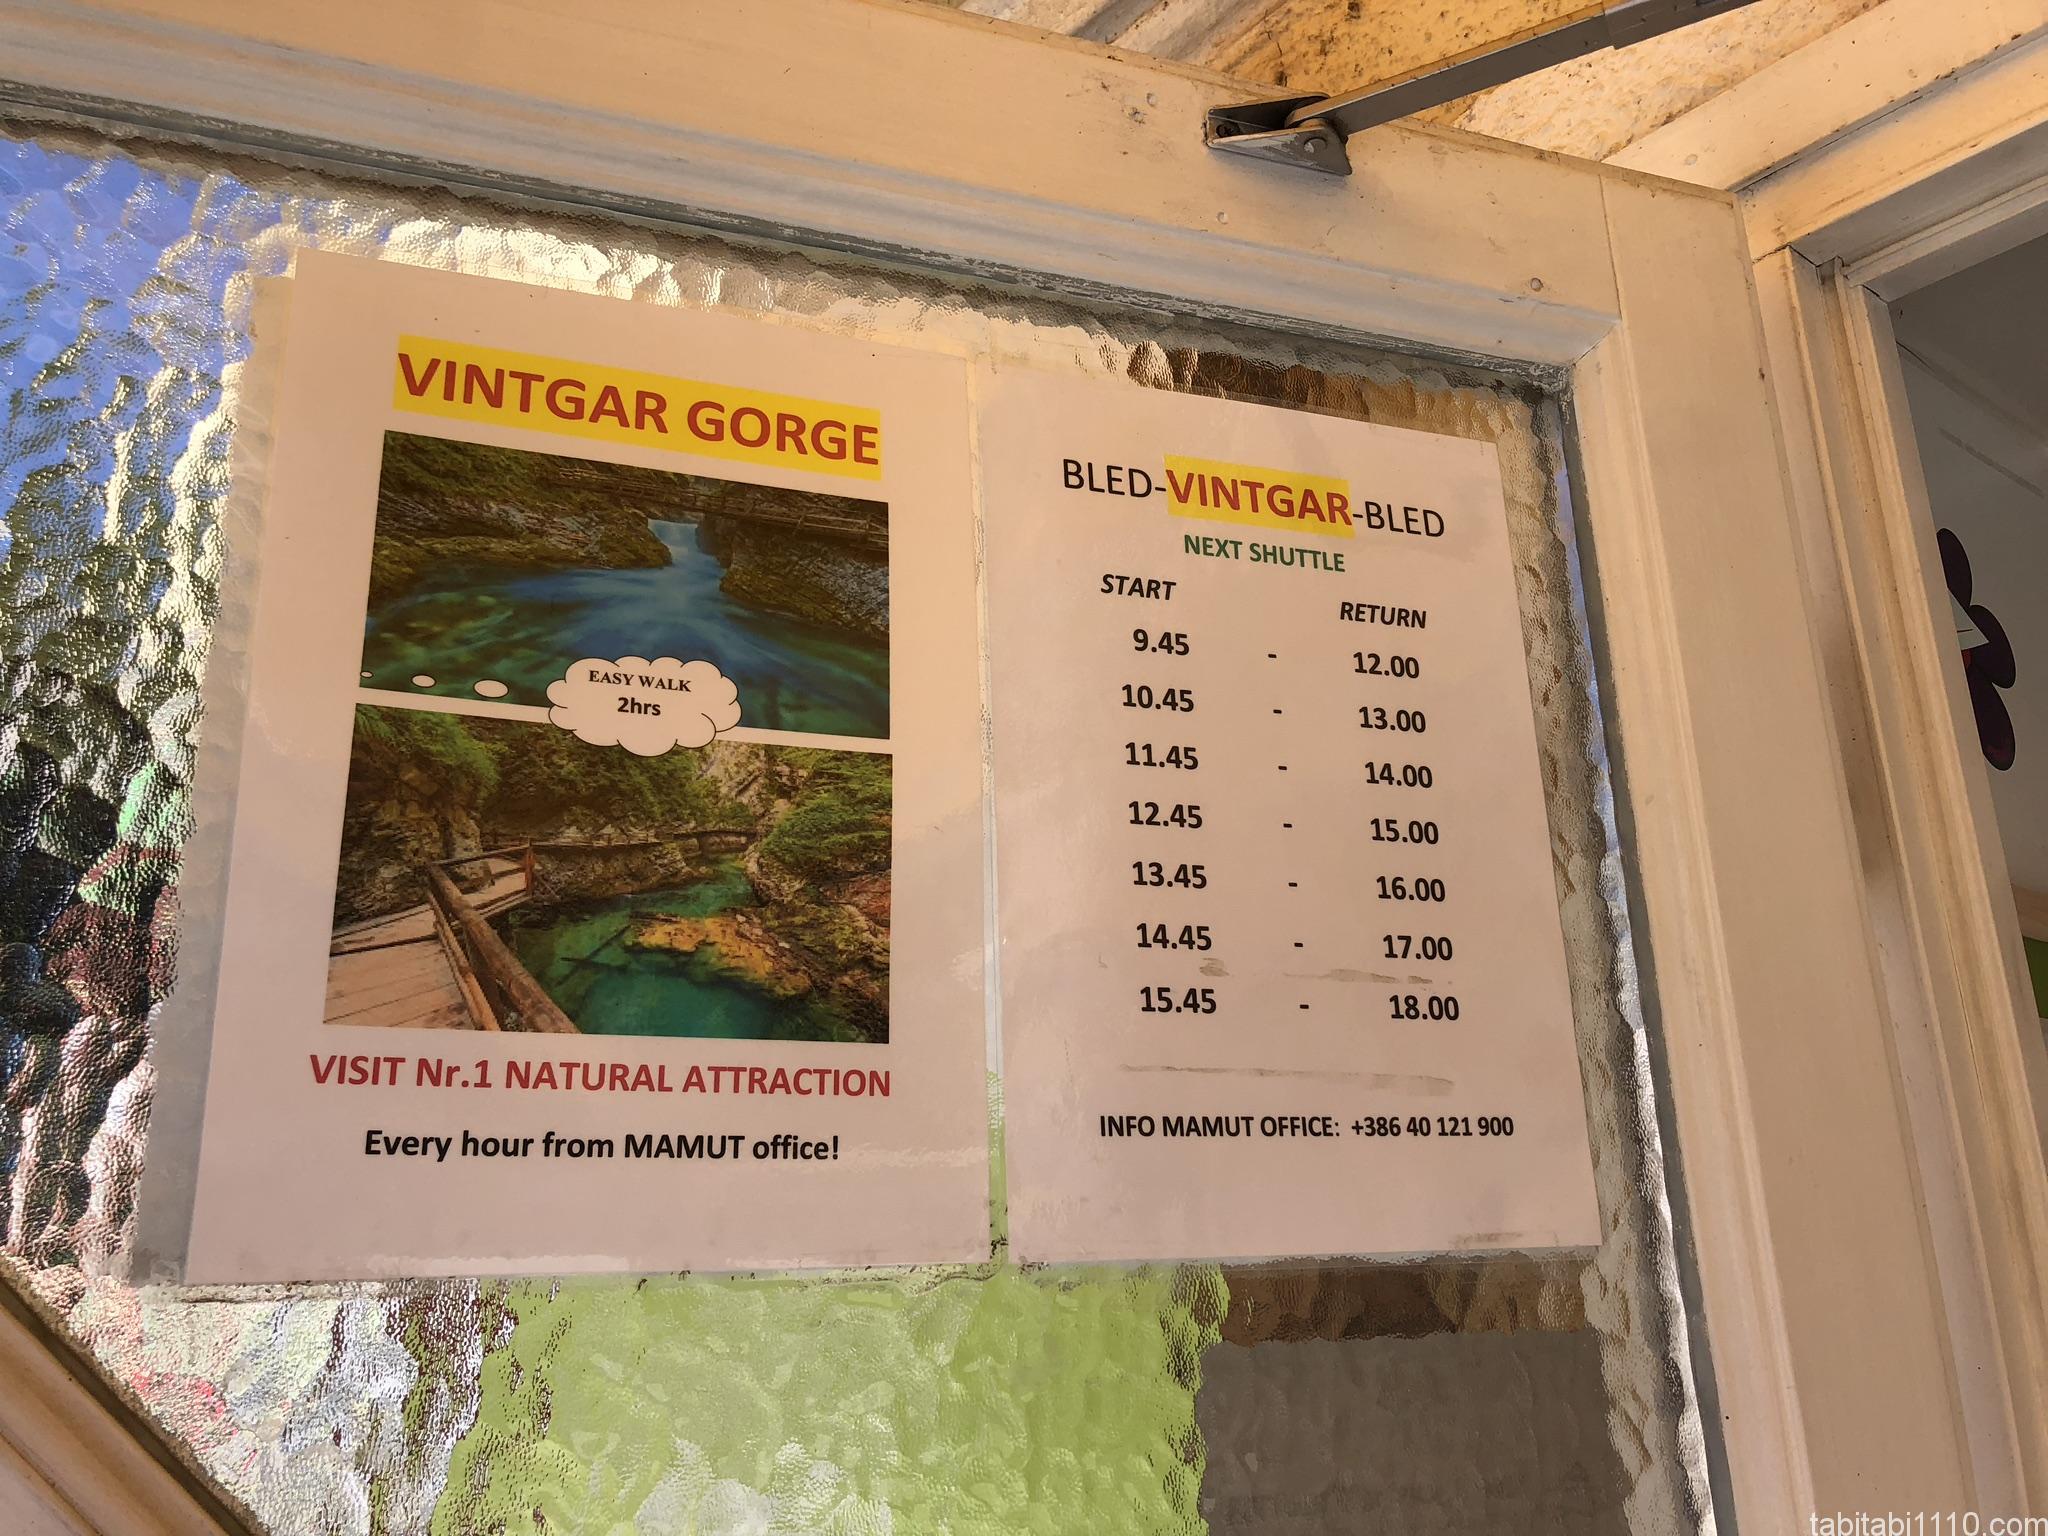 ブレッド湖⇔ヴィントガル峡谷|バス時刻表